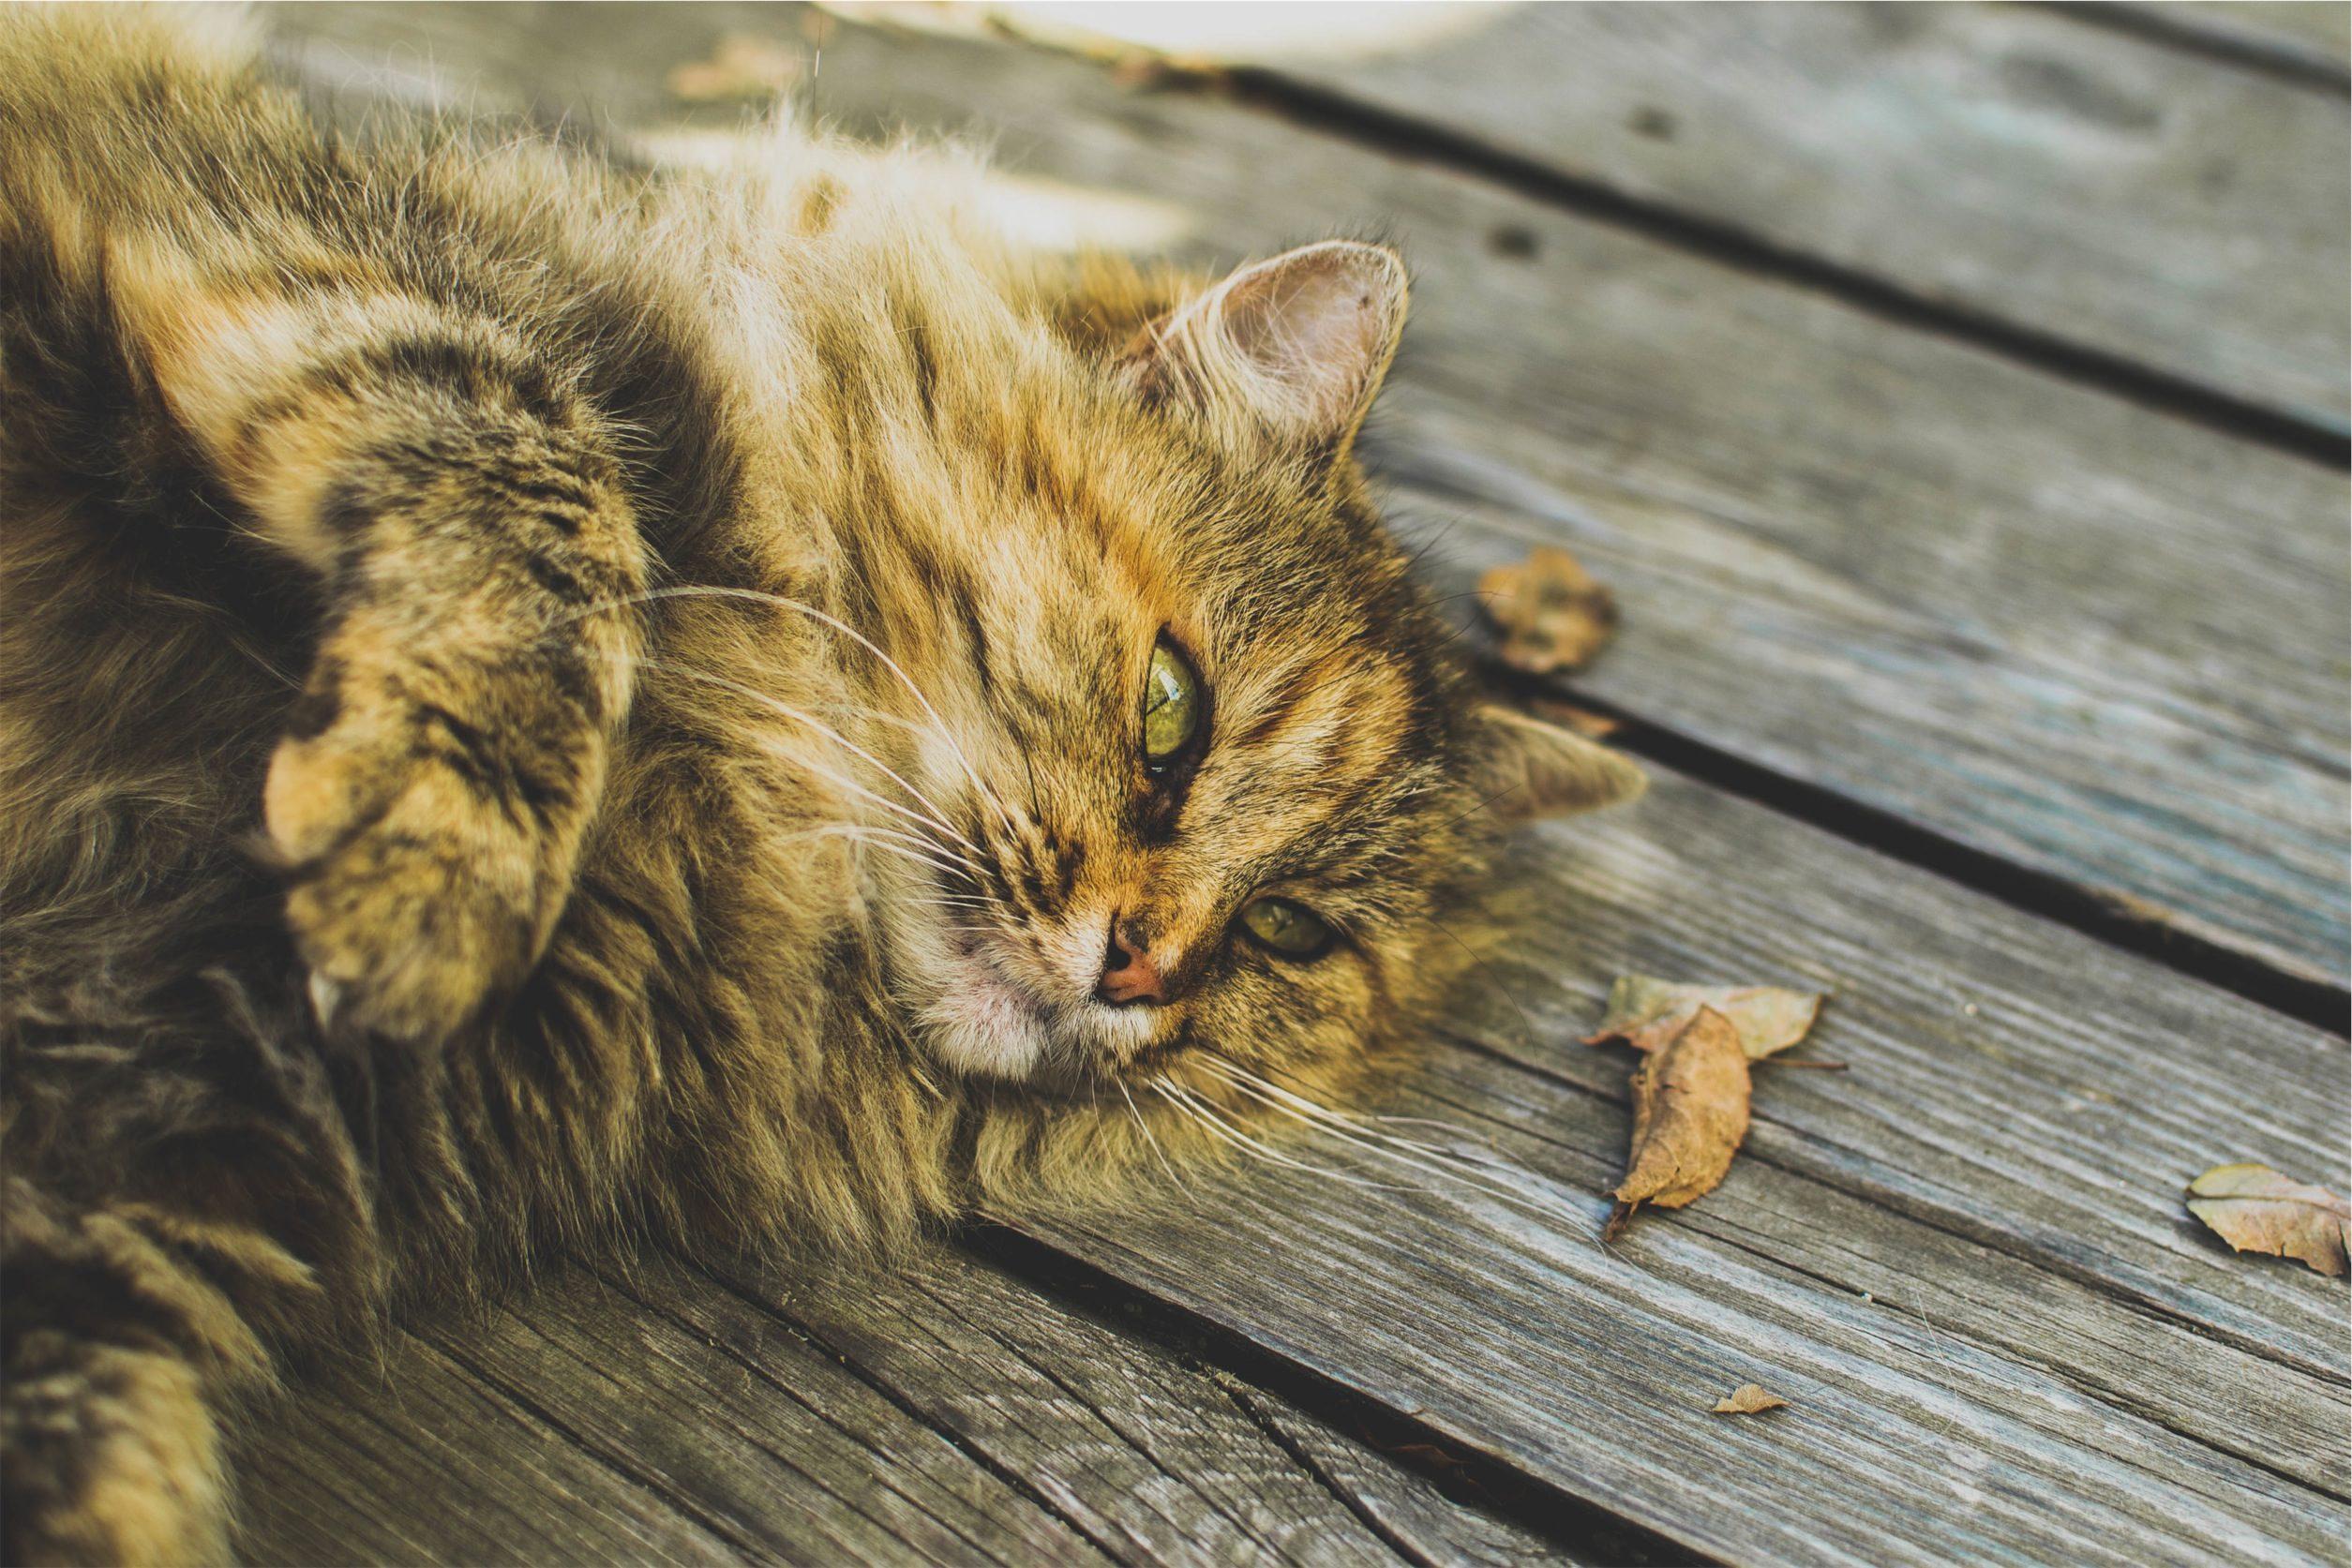 chat, se détendre, sol, bois, coup d'oeil - Fonds d'écran HD - Professor-falken.com